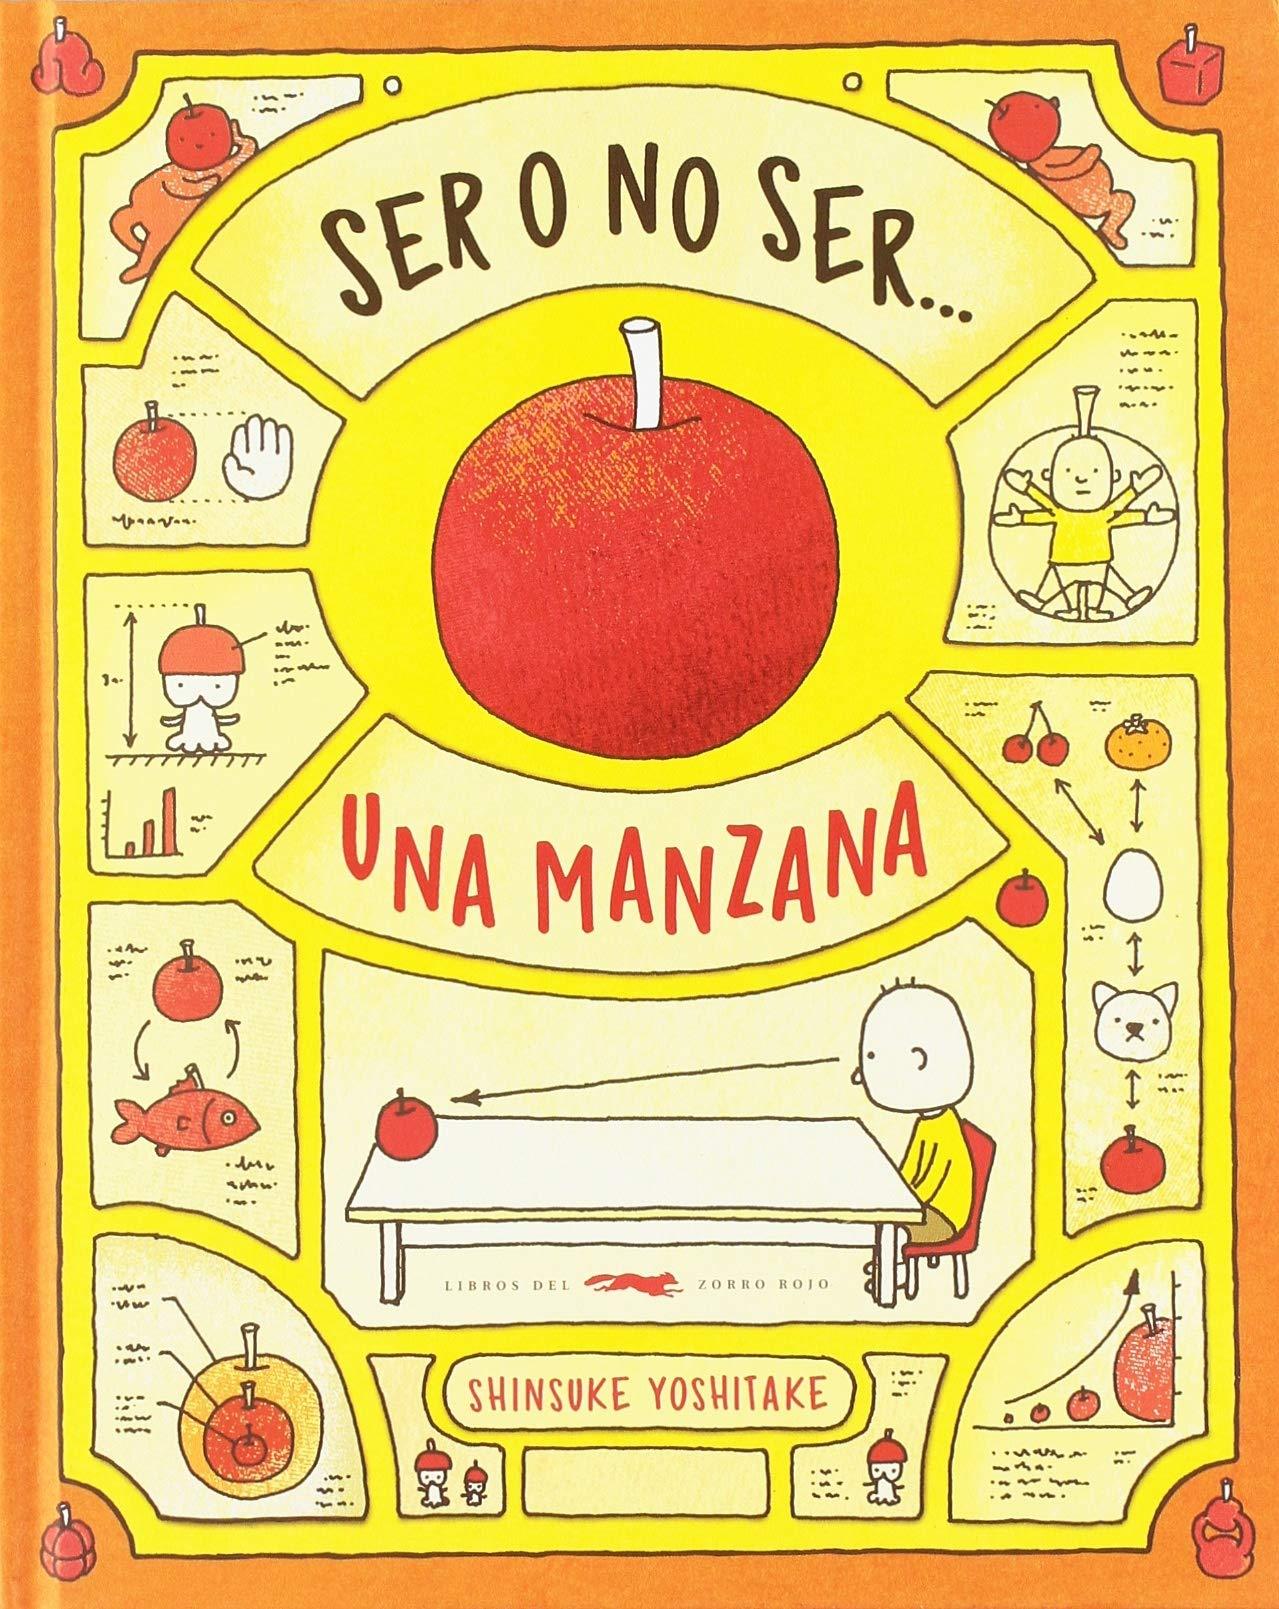 Ser o no ser... Una manzana: Amazon.es: Shinsuke Yoshitake, Estrella Borrego: Libros